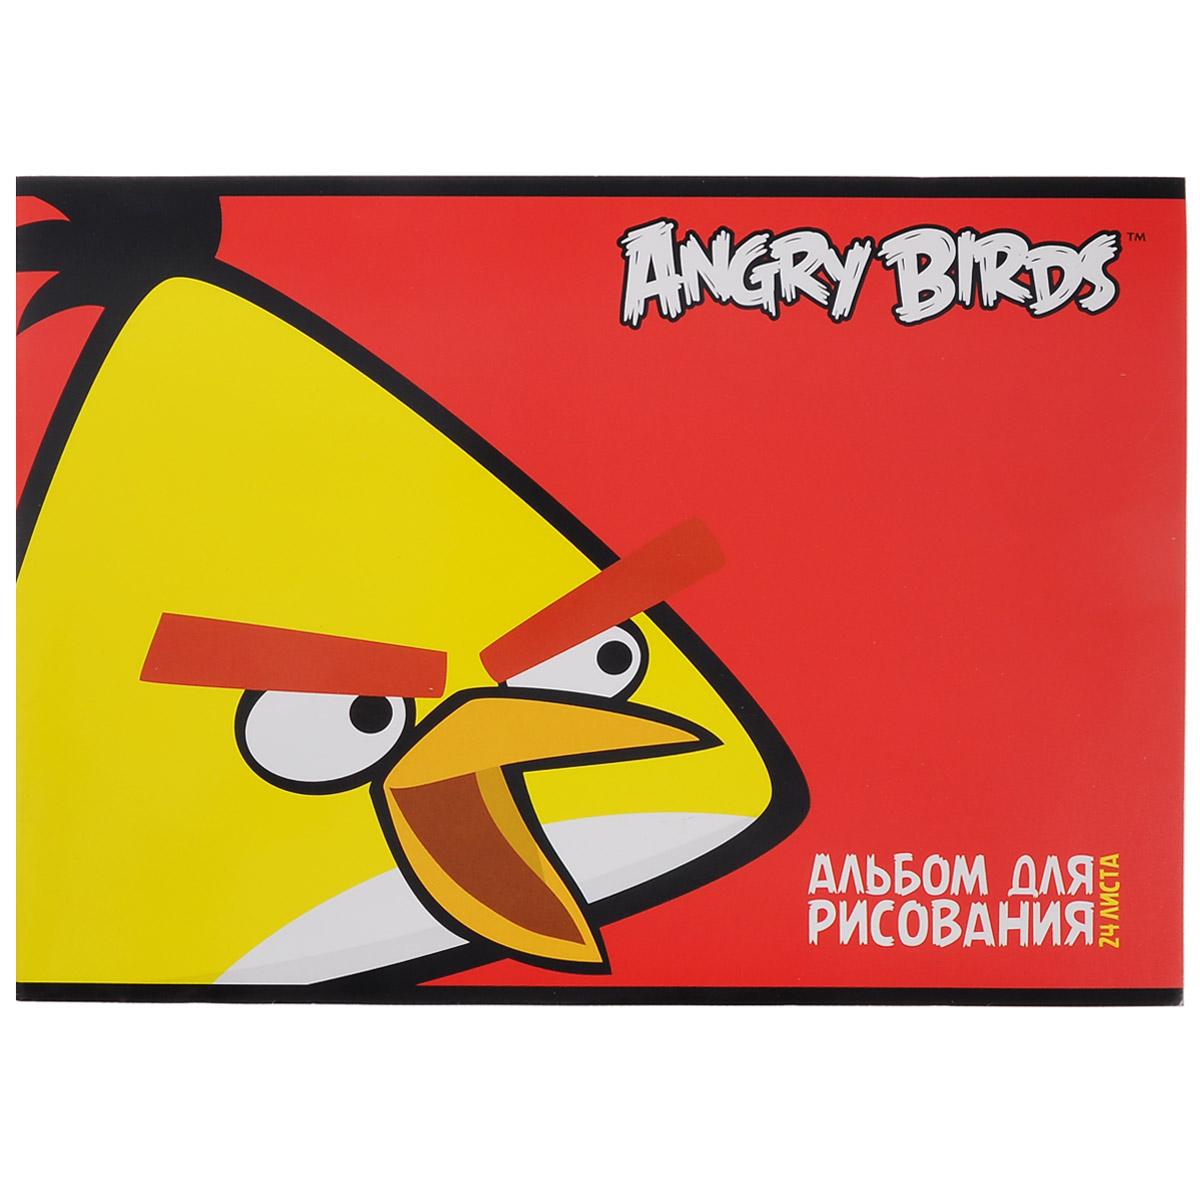 Альбом для рисования Angry Birds, 24 листа. 24А4вмB_1035224А4вмB_10352Альбом для рисования Angry Birds с ярким изображением любимого мультипликационного героя на обложке будет радовать и вдохновлять юных художников на творческий процесс. Бумага альбома отличается высокой прочностью. Обложка выполнена из мелованного картона. Крепление - скрепки. Рисование позволяет развивать творческие способности, кроме того, это увлекательный досуг.Рекомендуемый возраст: 6+.